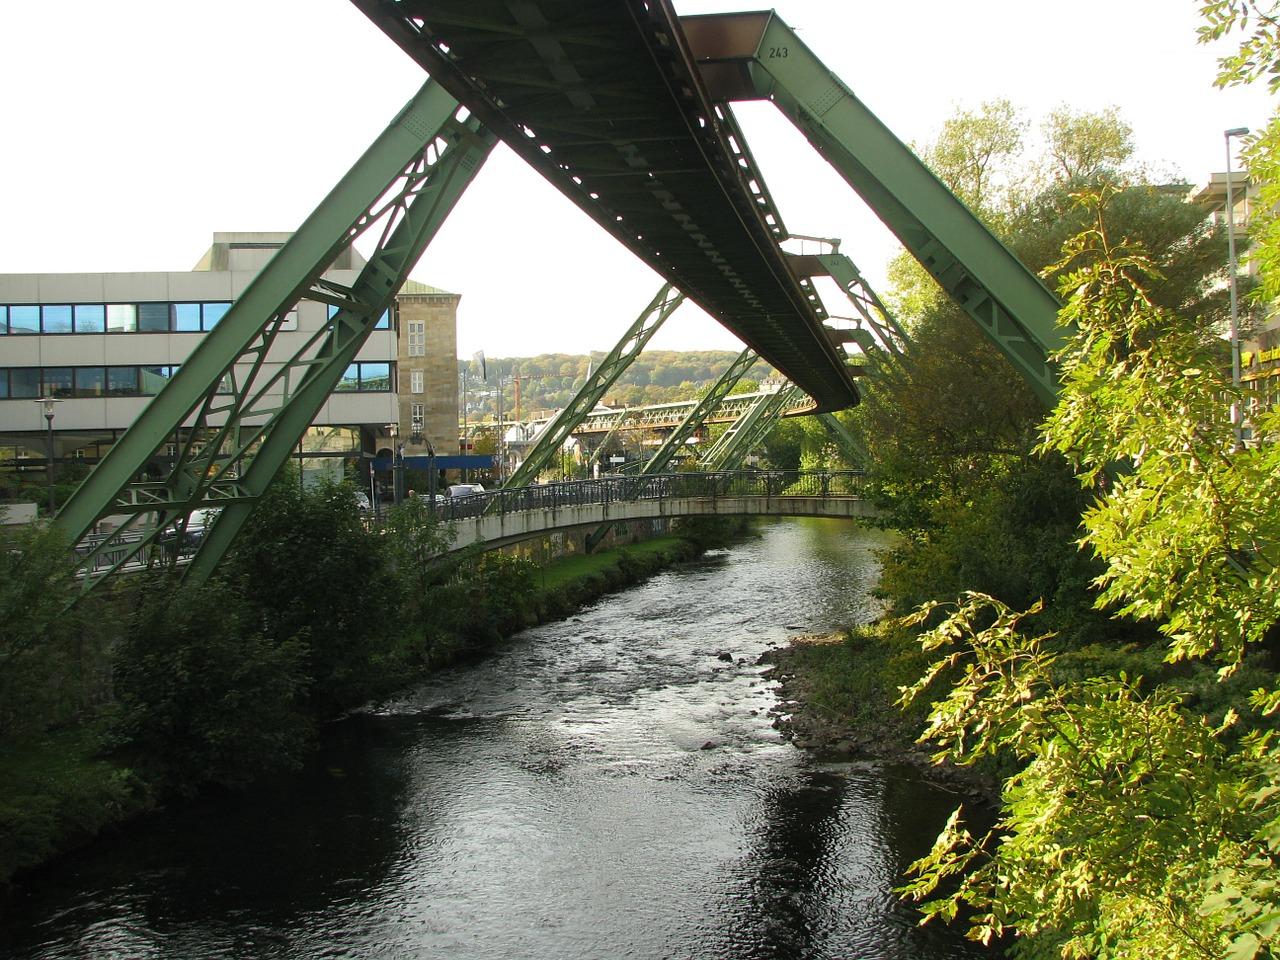 Wupper mündet im Rhein zwischen Leverkusen und Dormagen